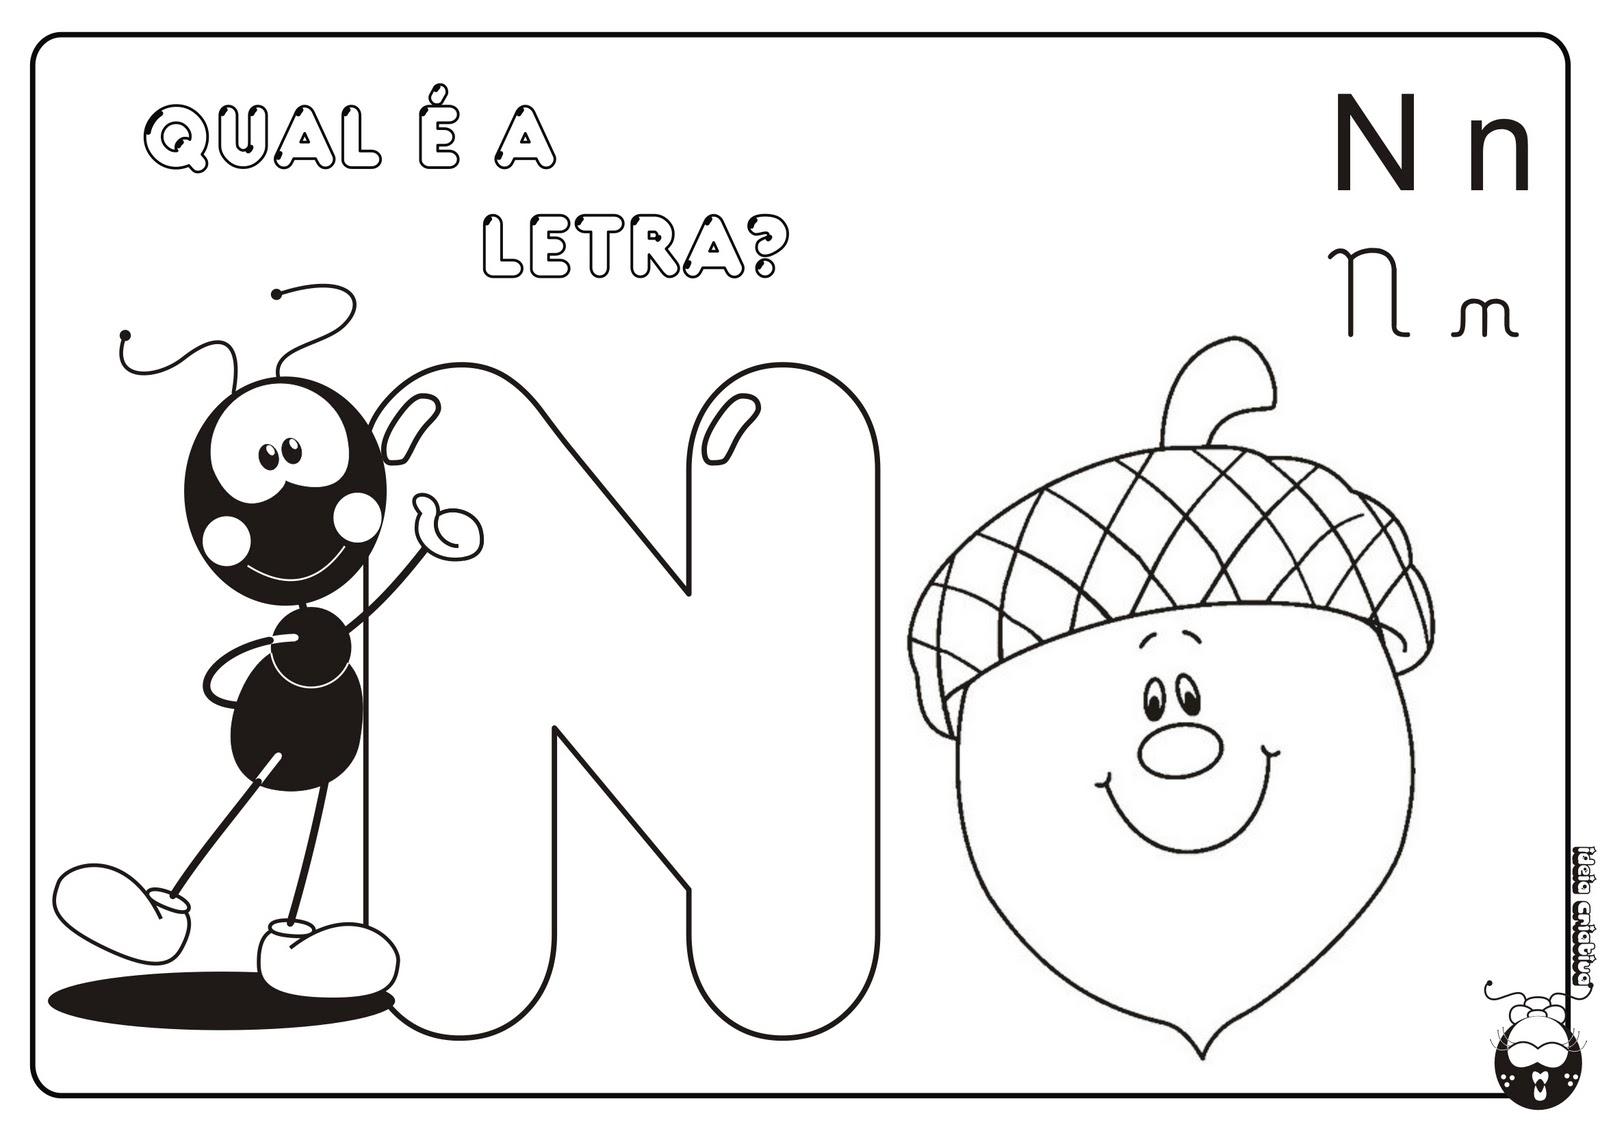 Alfabeto Smilinguido 4 tipos de letra para Baixar Grátis Letra N